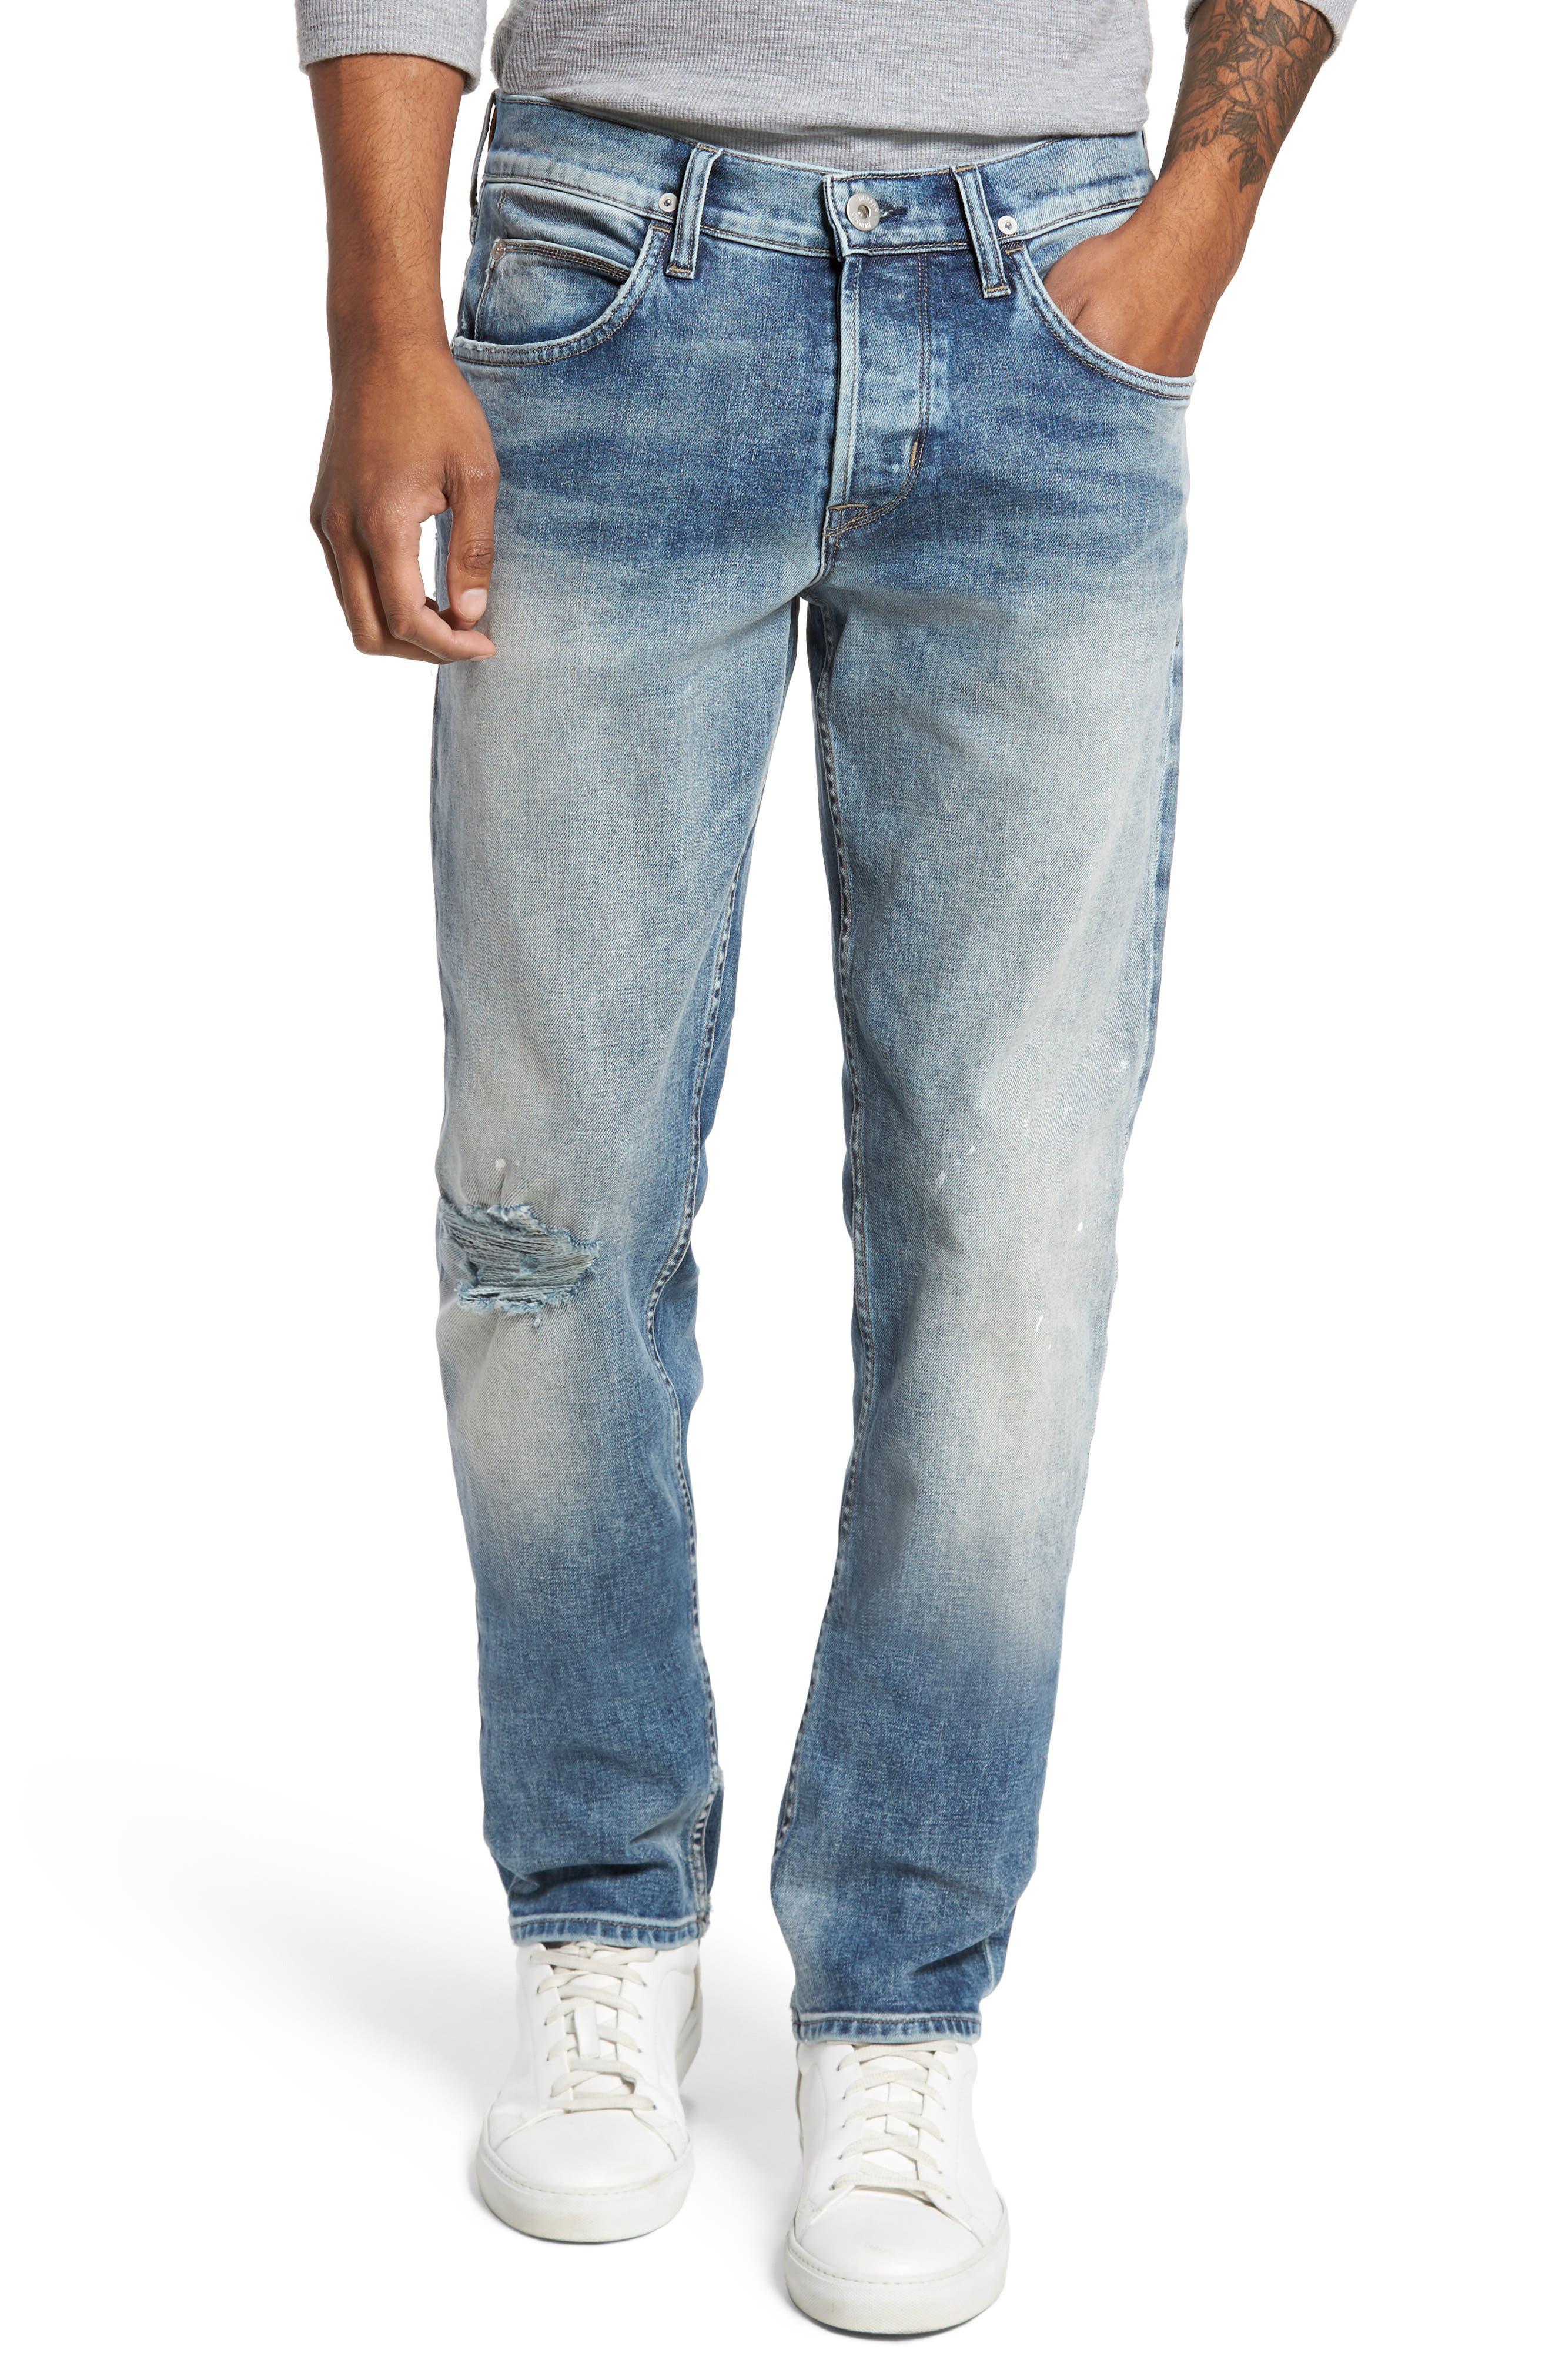 Blake Slim Fit Jeans,                             Main thumbnail 1, color,                             Lockwood